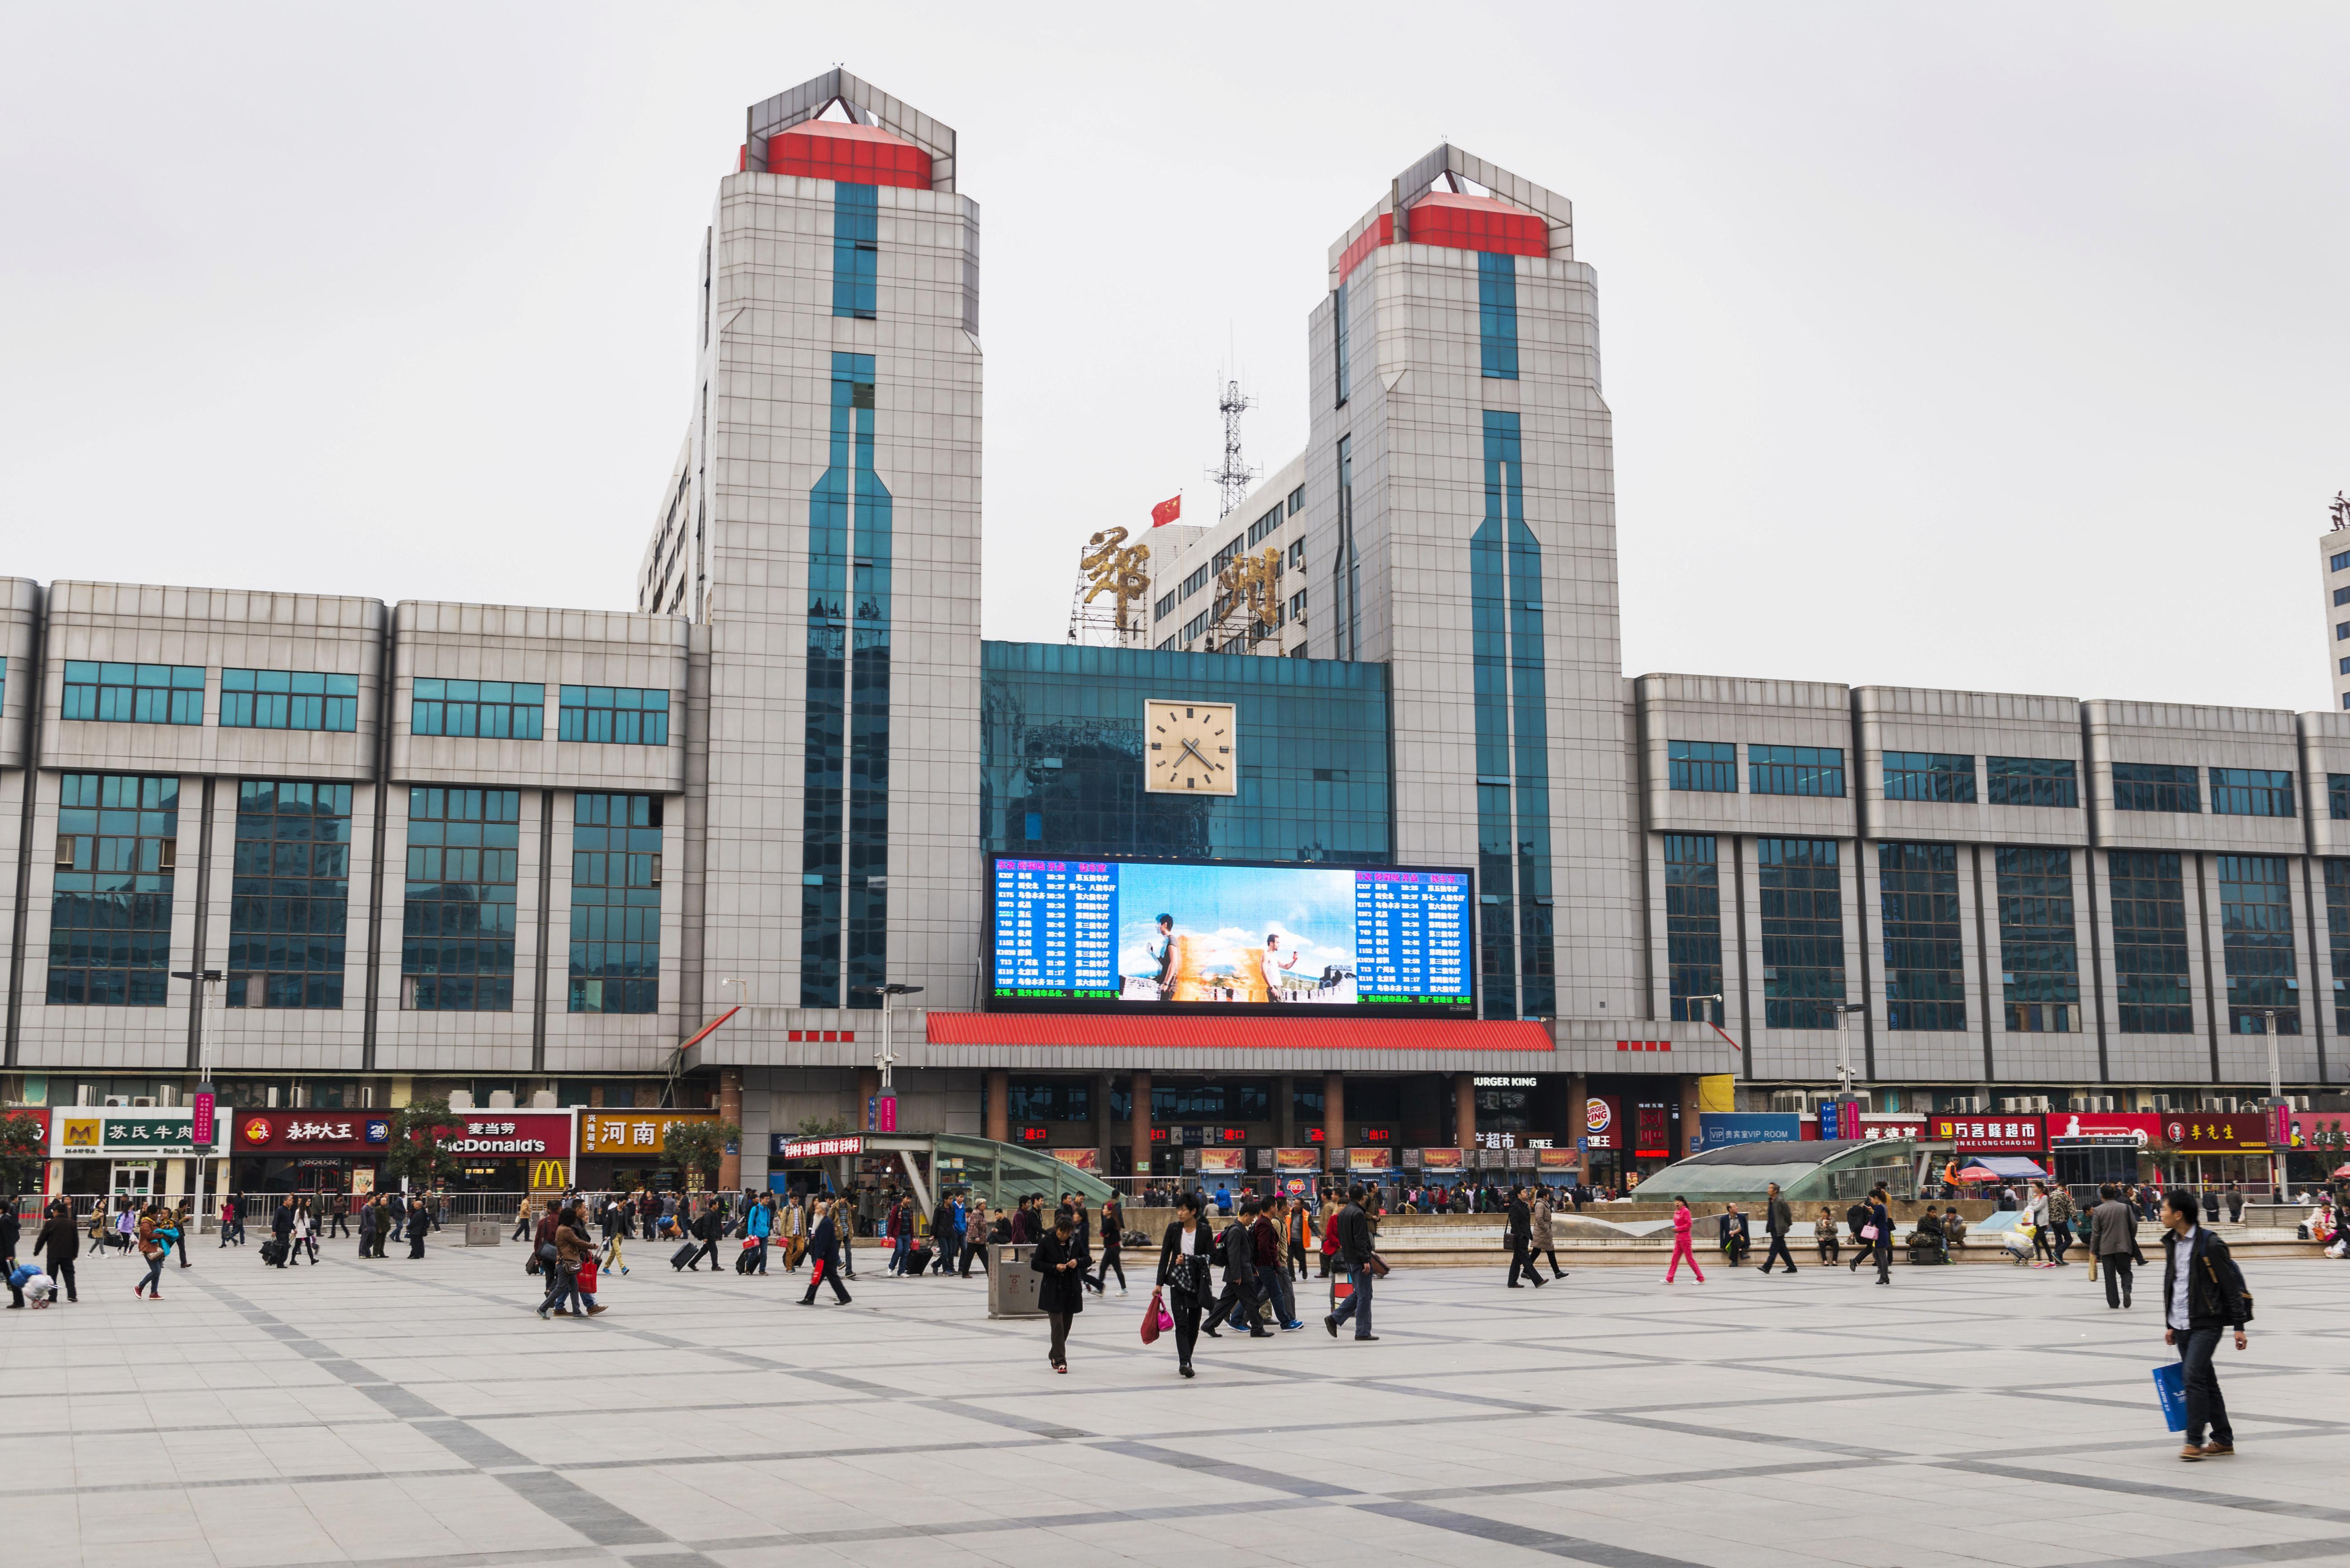 Train station in Zhengzhou, Henan Province, China